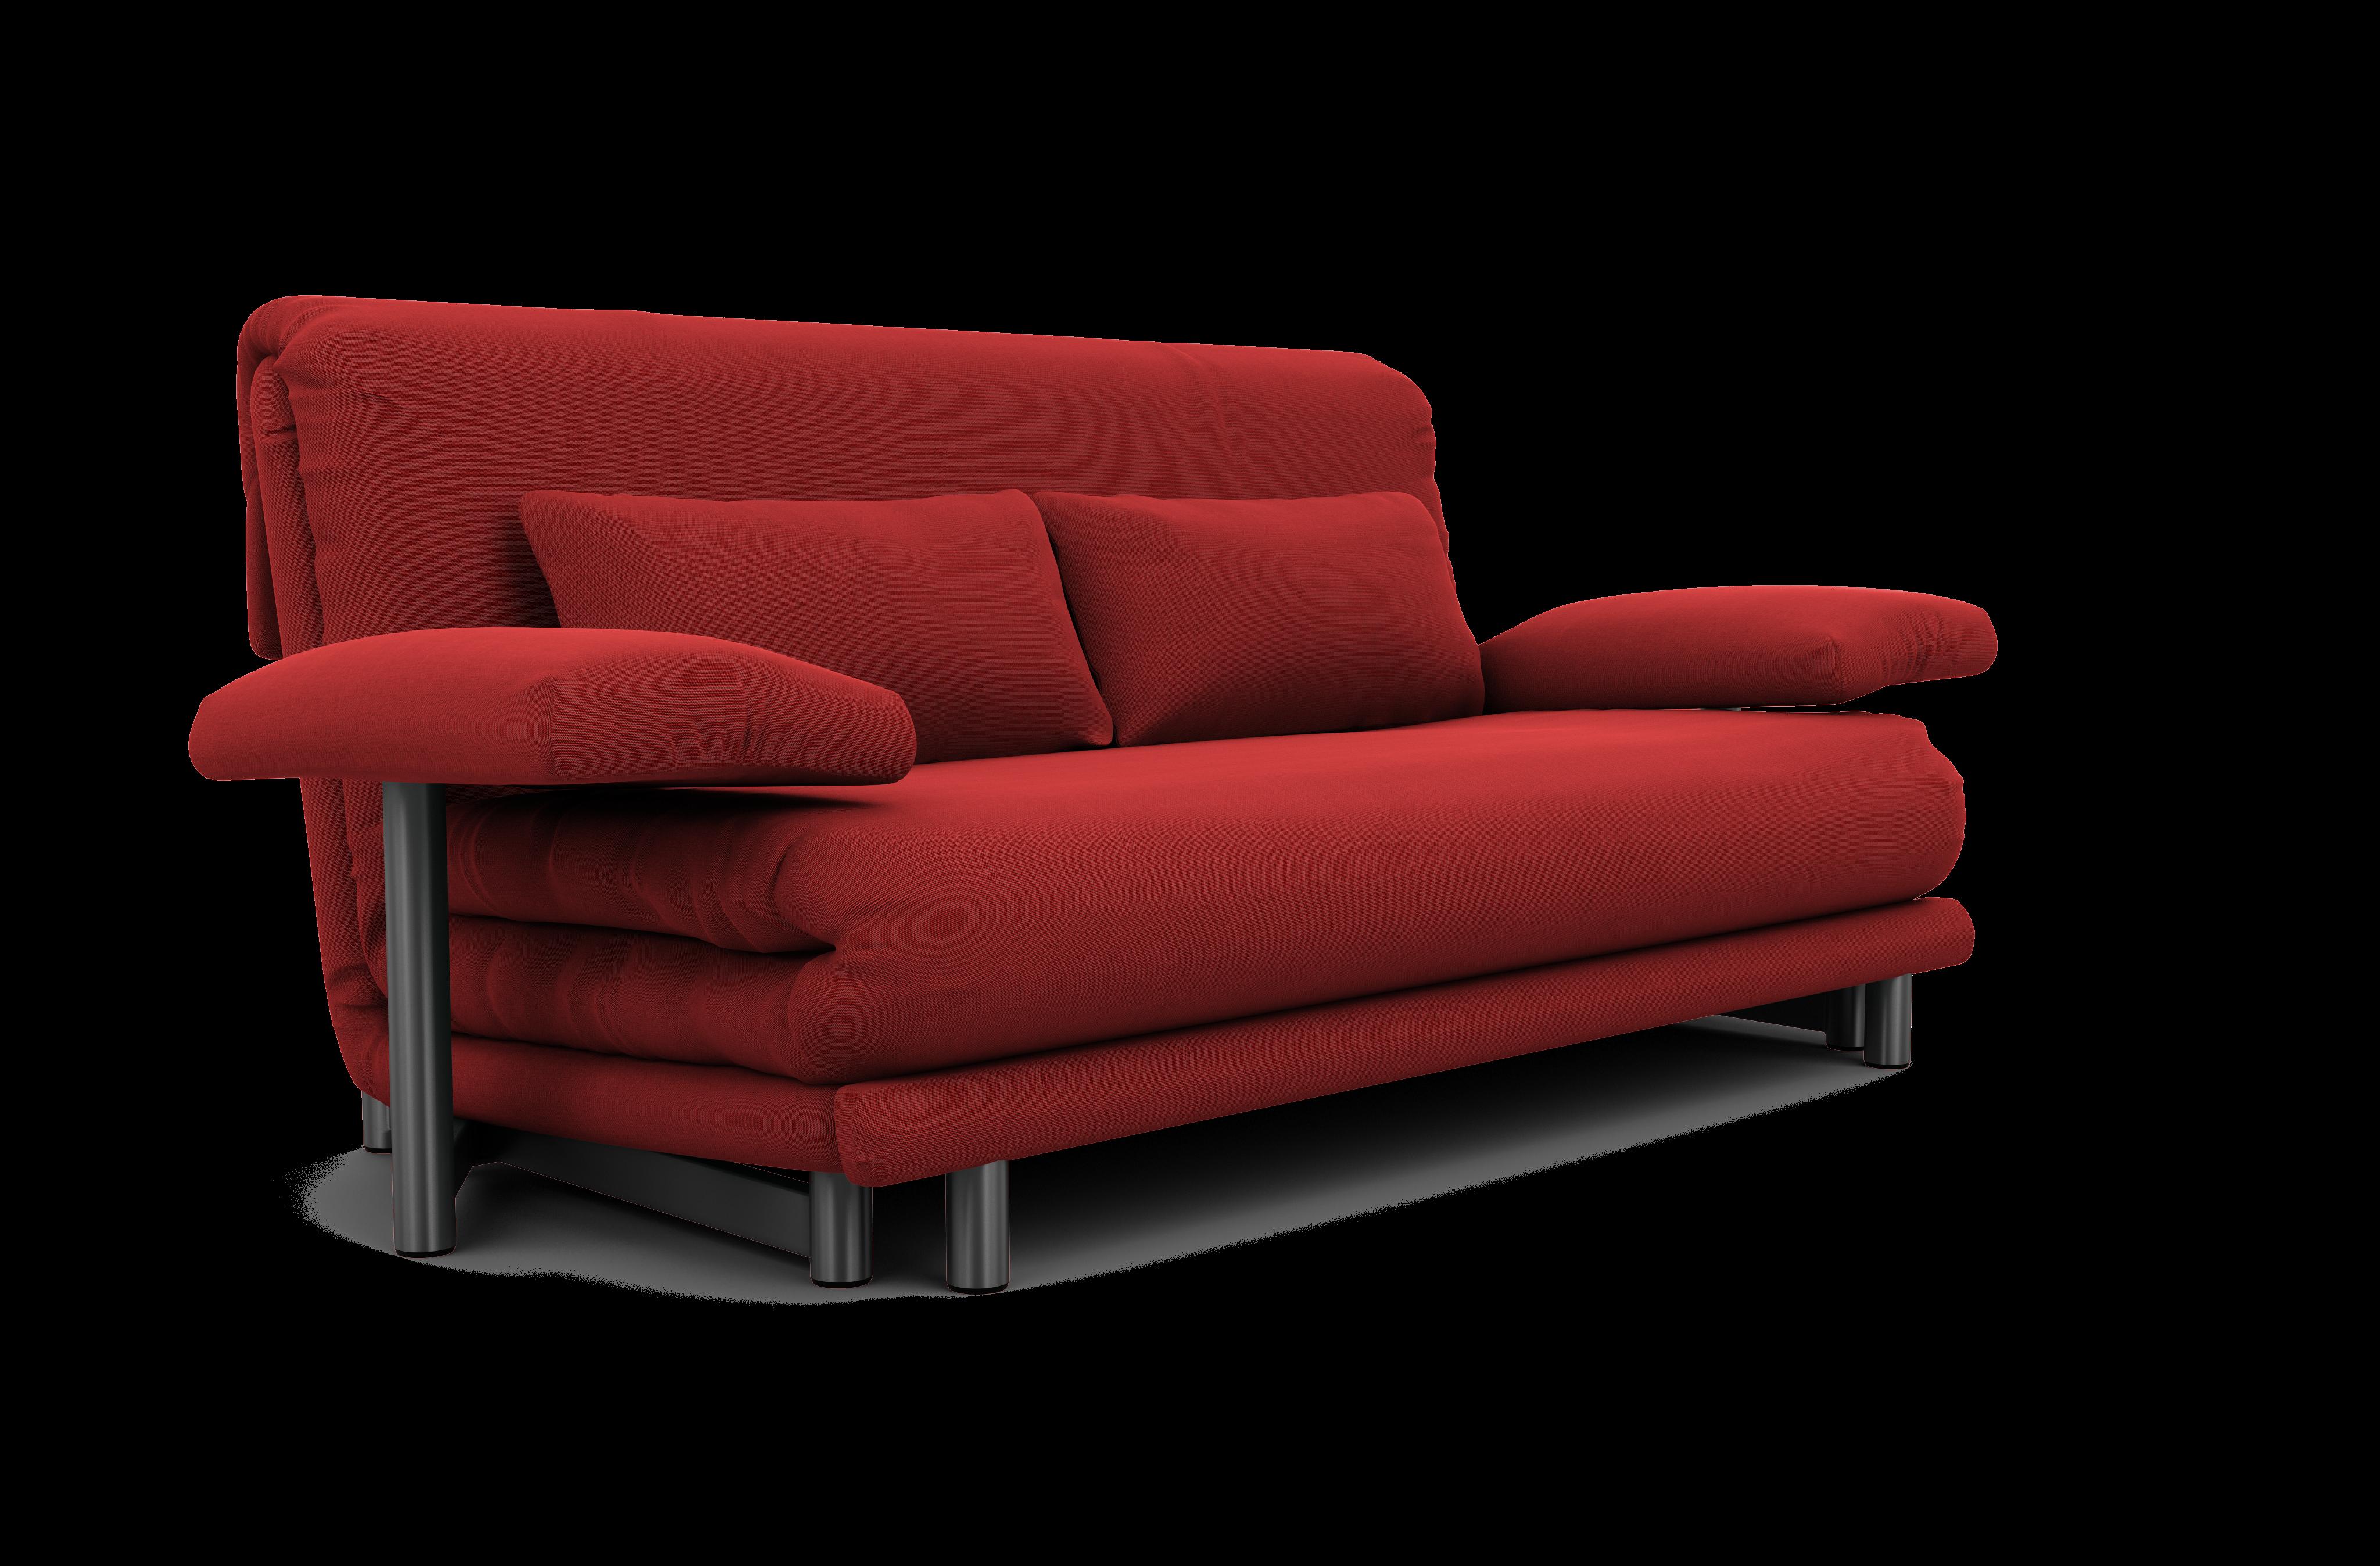 ligne roset multy sofa bed review. Black Bedroom Furniture Sets. Home Design Ideas